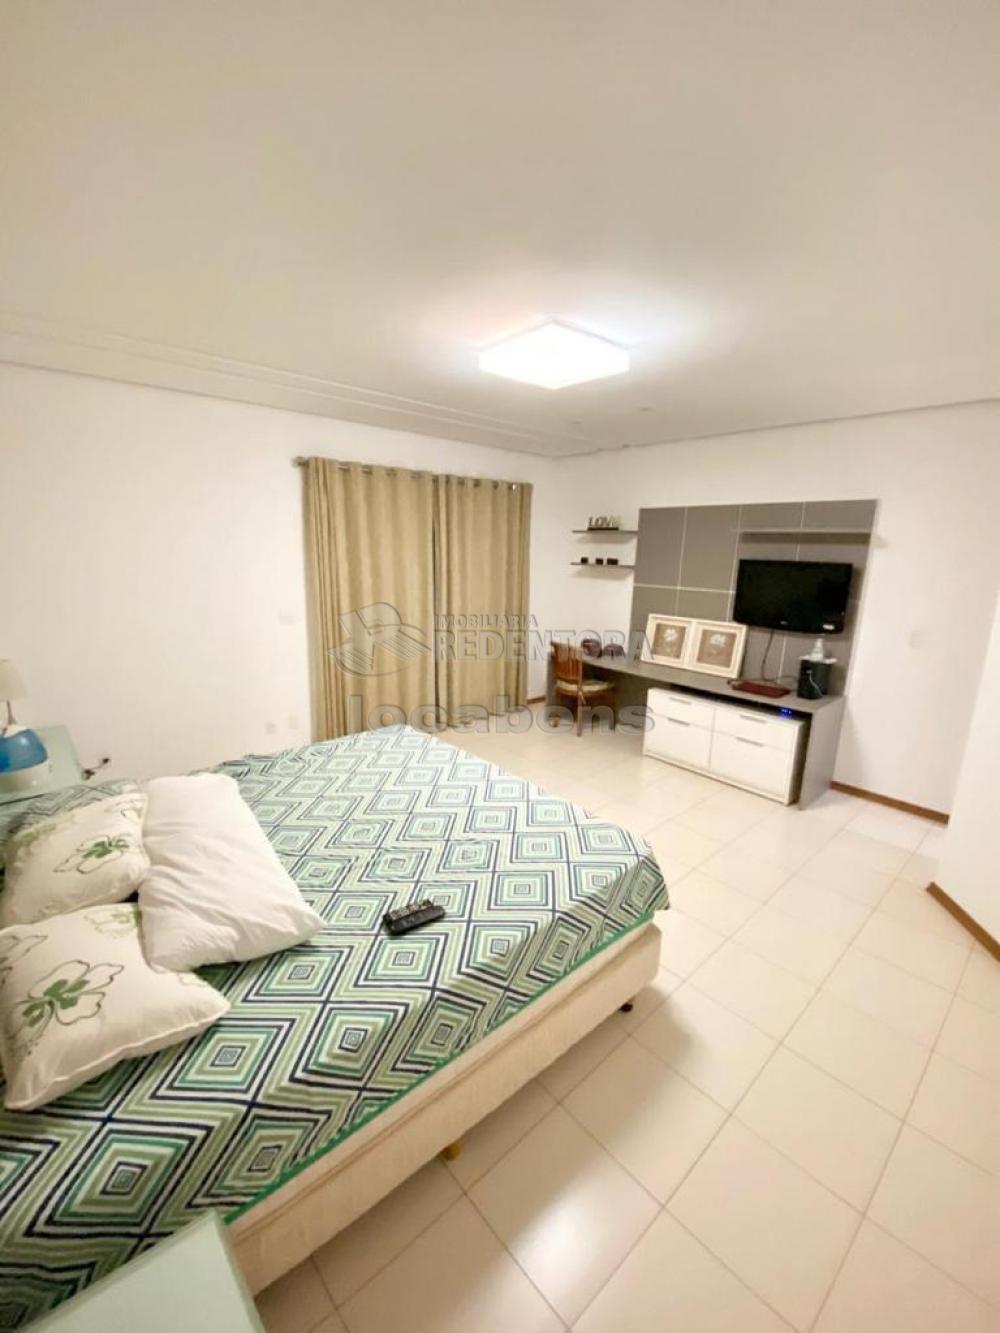 Comprar Casa / Condomínio em São José do Rio Preto R$ 1.750.000,00 - Foto 12